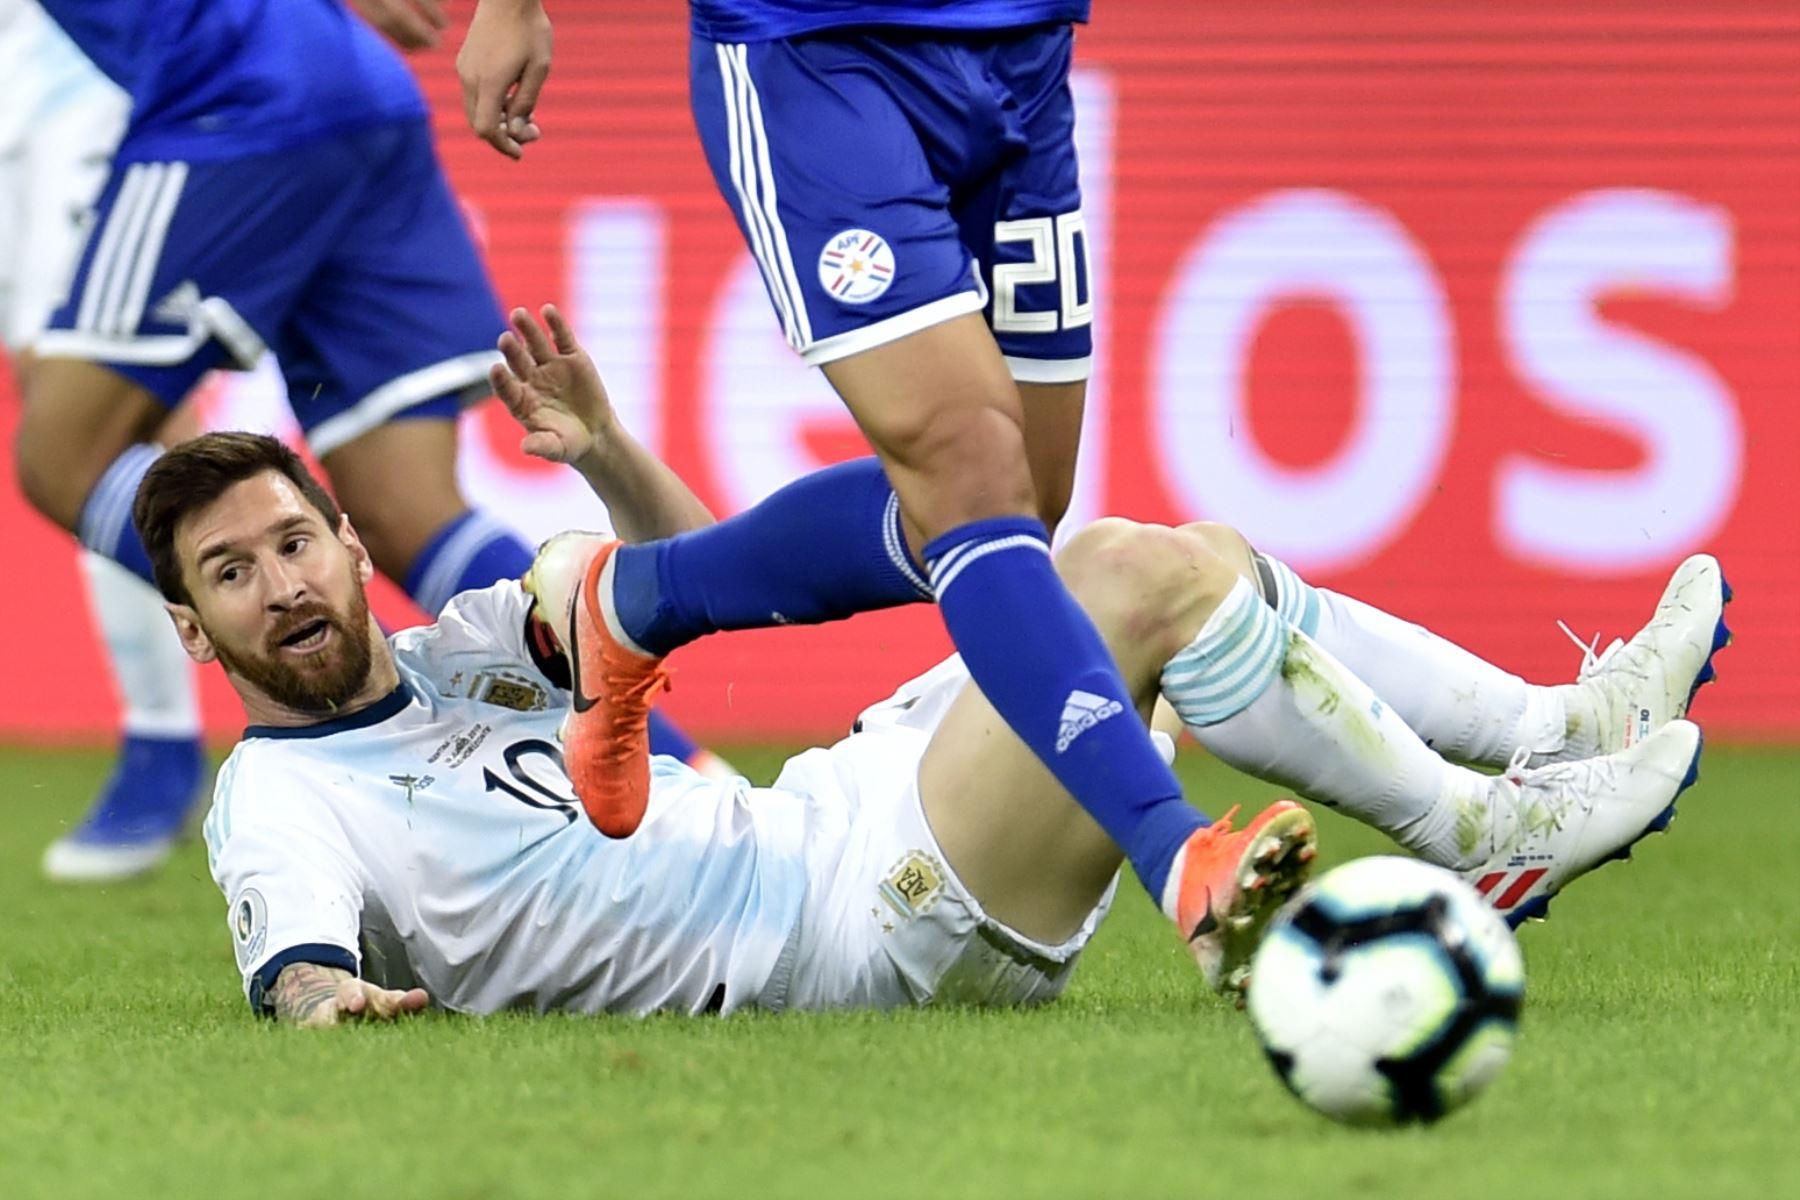 Lionel Messi, de Argentina, se encuentra en el suelo durante el partido del torneo de fútbol de la Copa América contra Paraguay en el estadio Mineirao en Belo Horizonte, Brasil. Foto: AFP